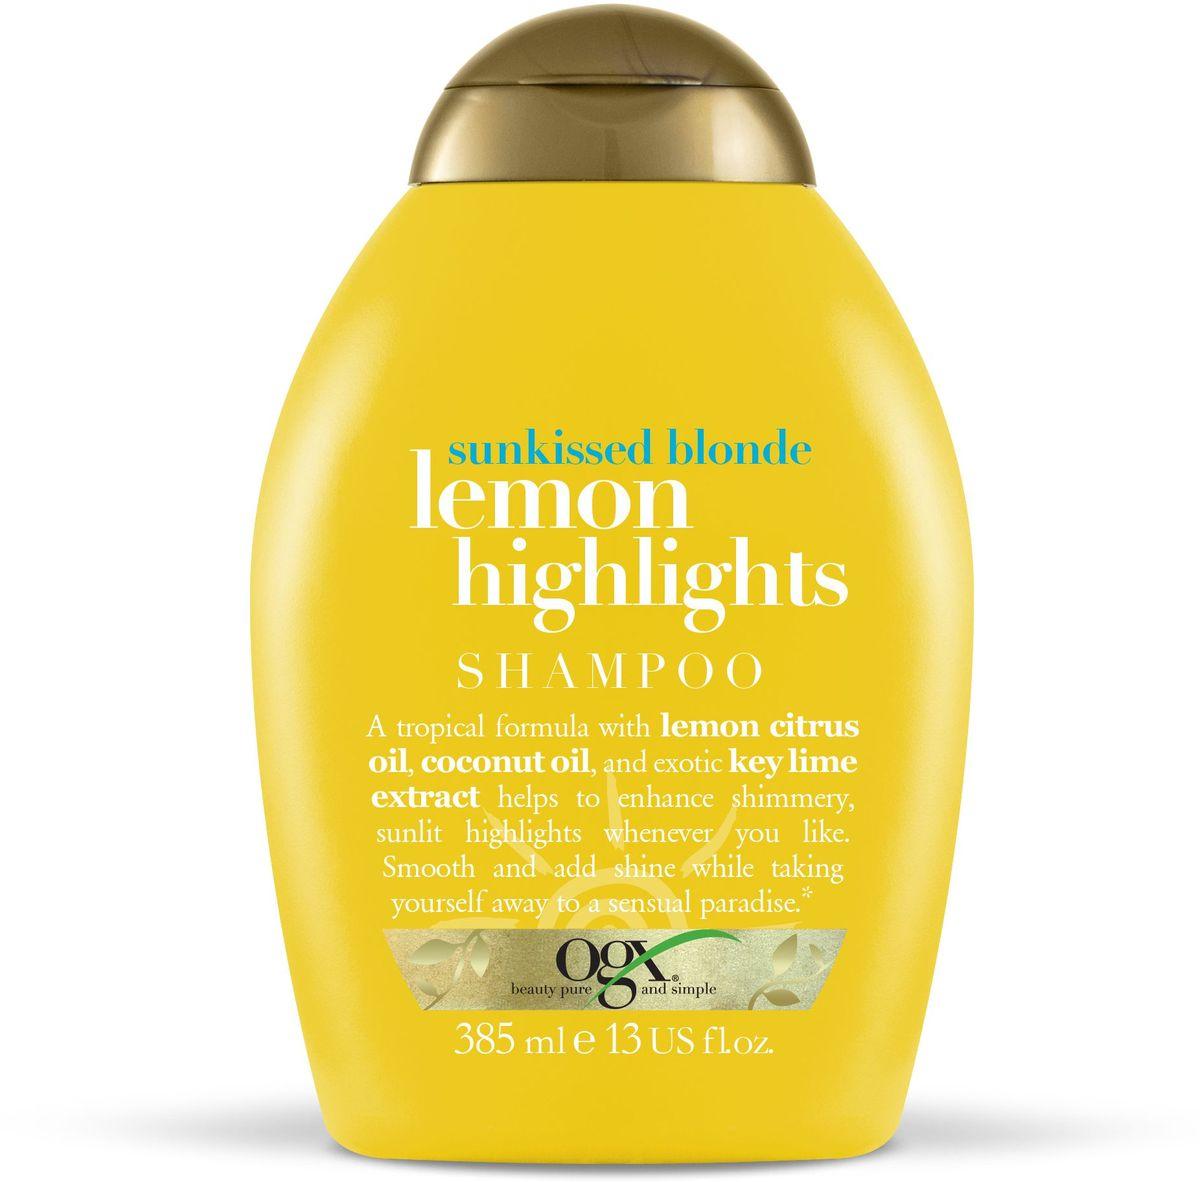 OGX Шампунь для сияния цвета с экстрактом лимона Солнечный блонд, 385 мл.FS-00897Шампунь для сияния цвета с экстрактом лимона – увлажняет и сохраняет влагу изнутри, борется с пушением. Делают цвет более ярким и сияющим. Наполняют волосы силой и жизненной энергией